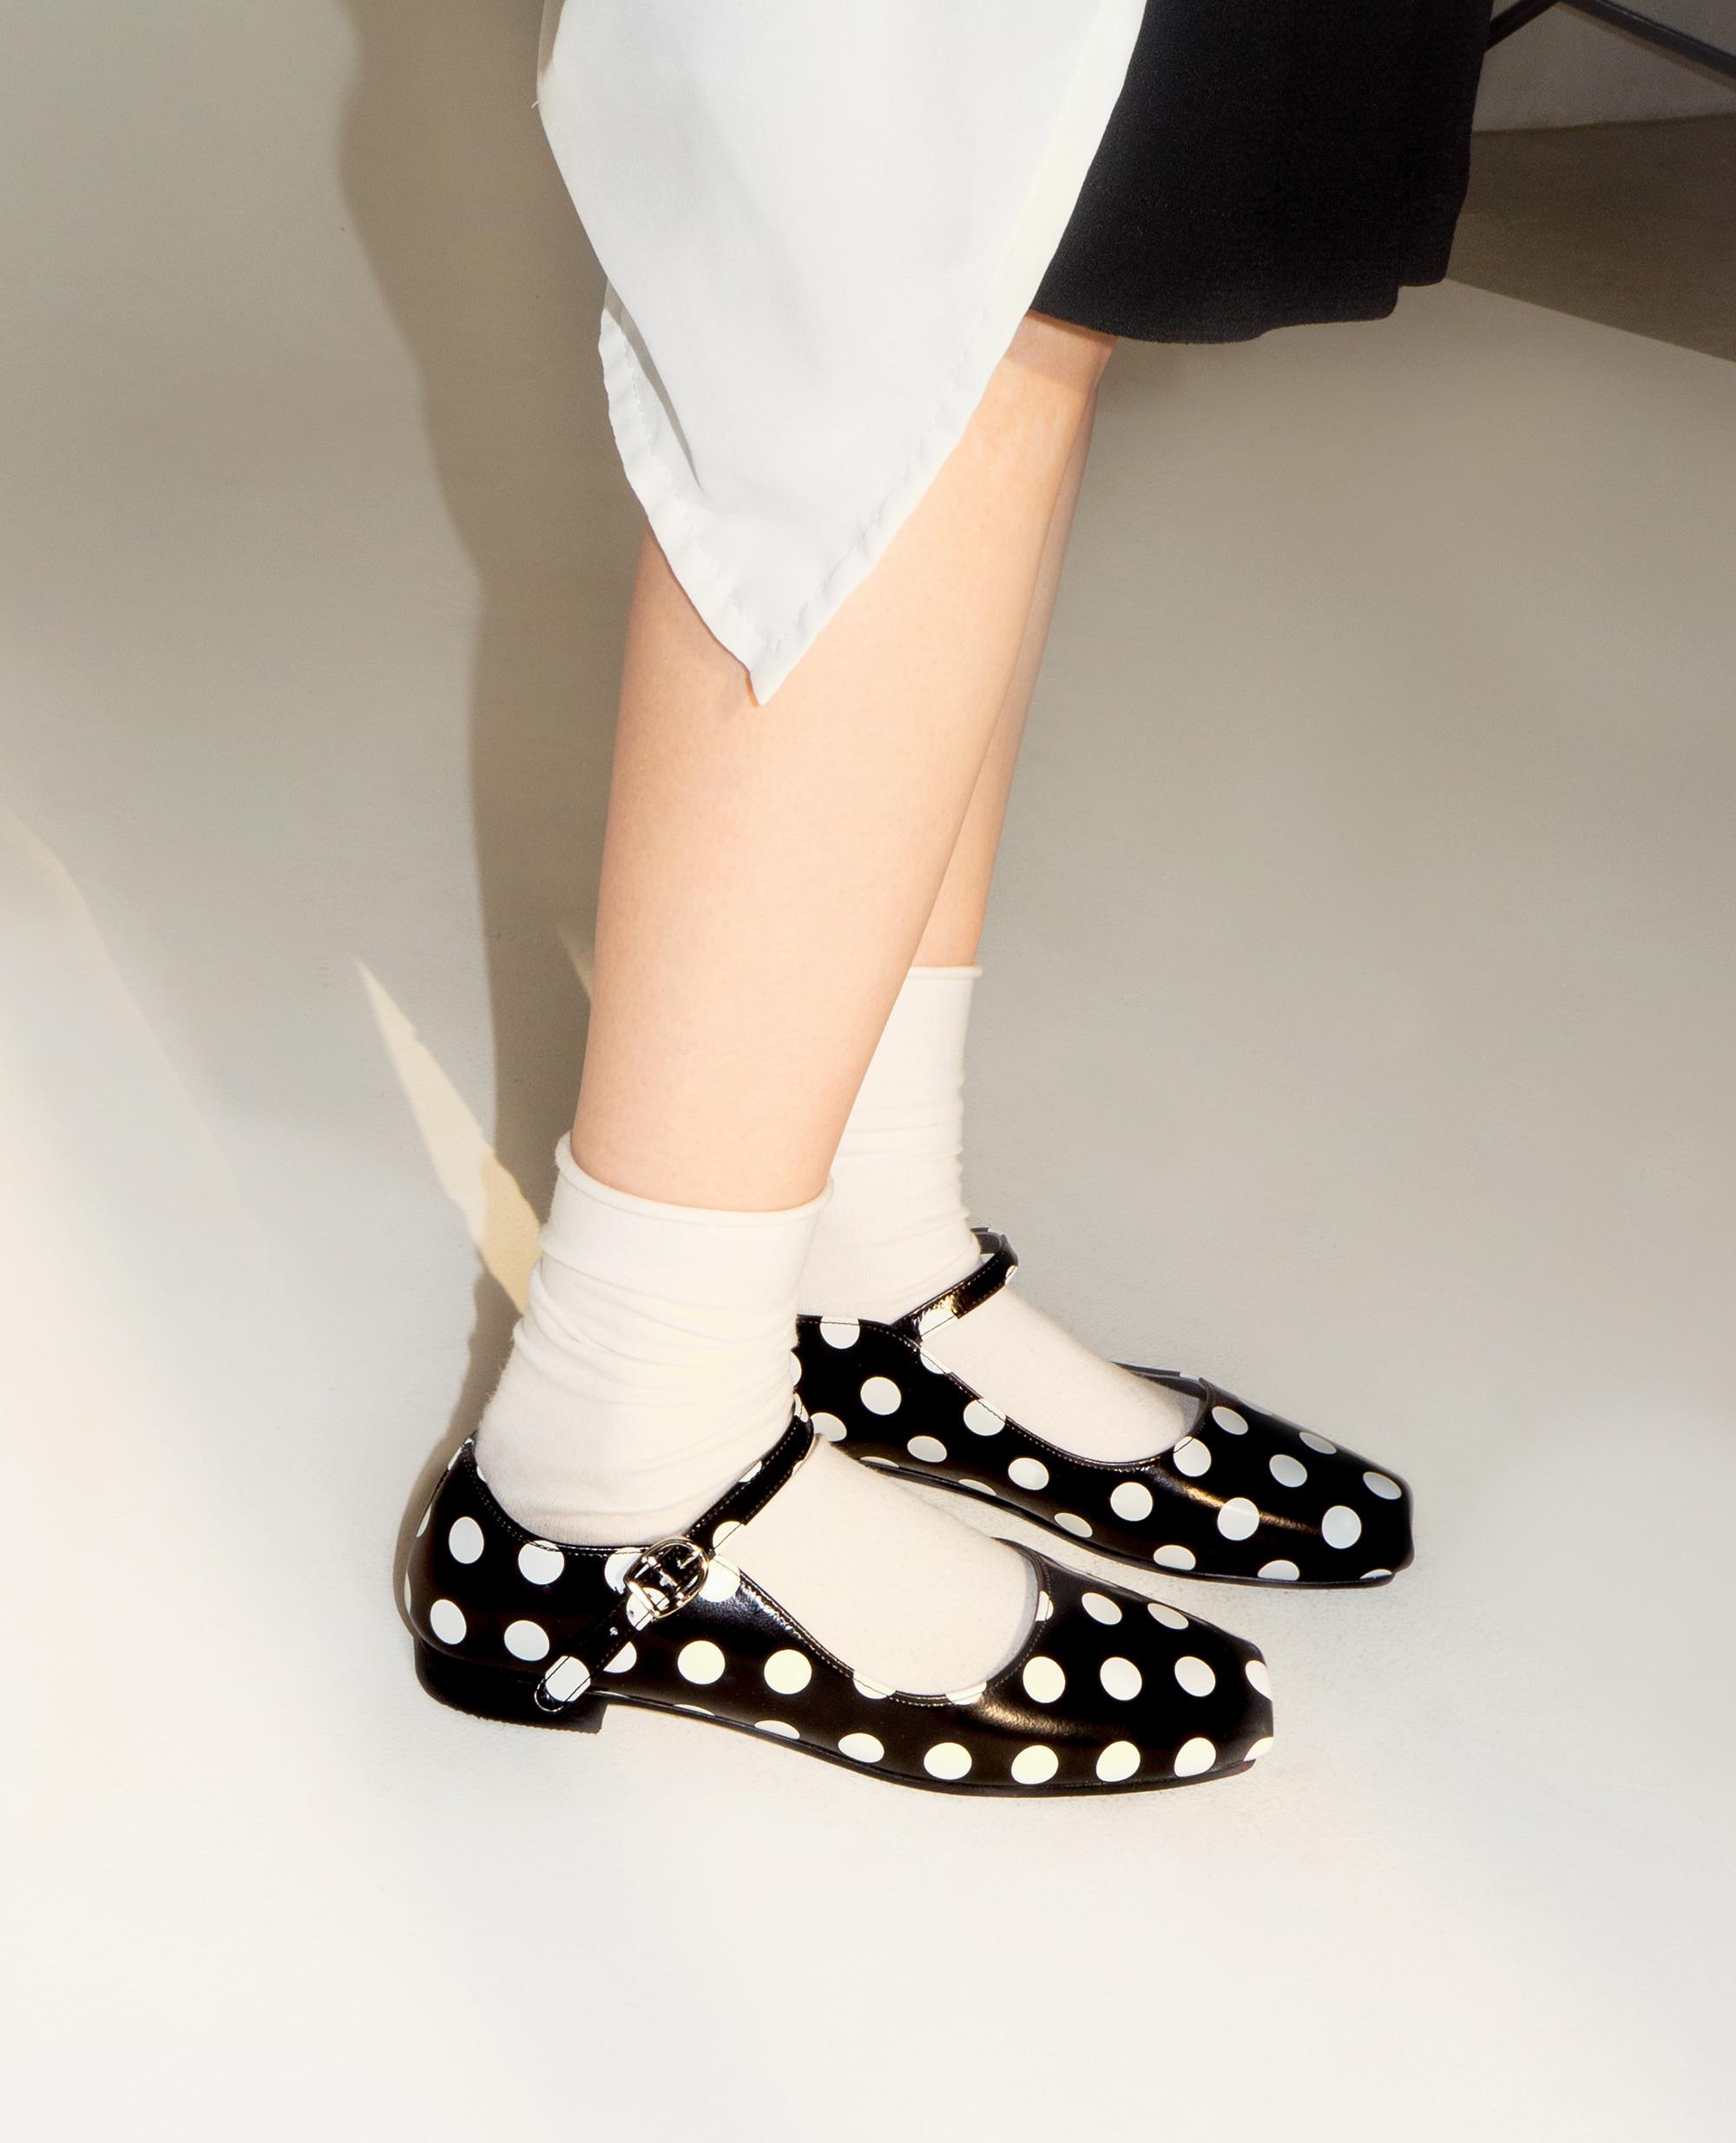 Ballet Toe Mary jane Flats | Polka dot